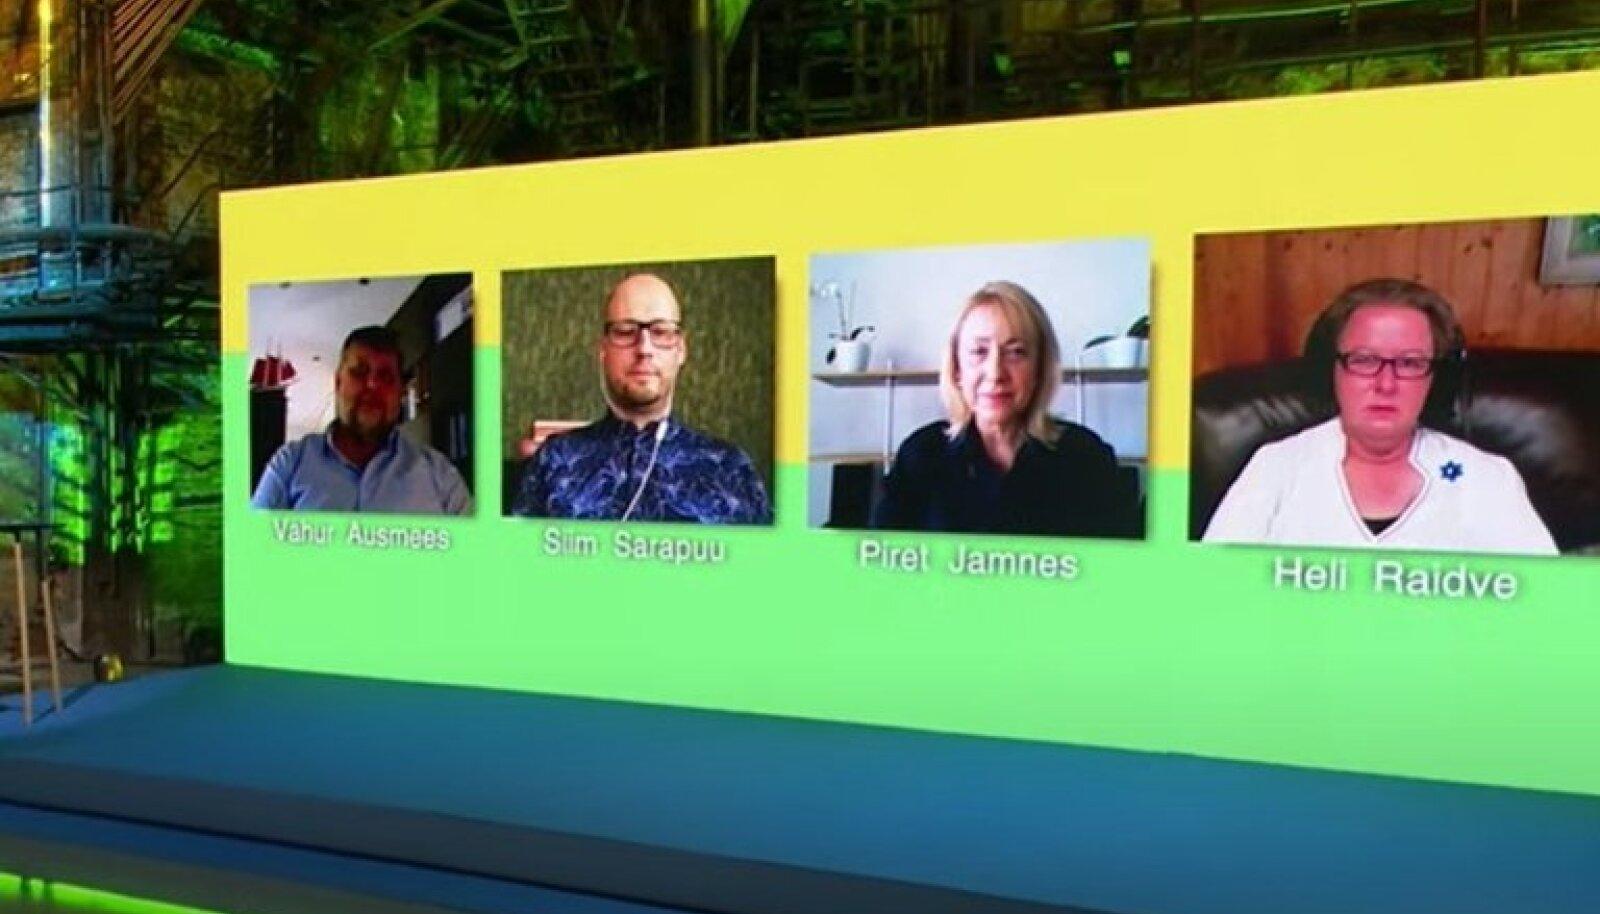 Eksperdid live-kohtumiste sarja SPUNK arutelul.